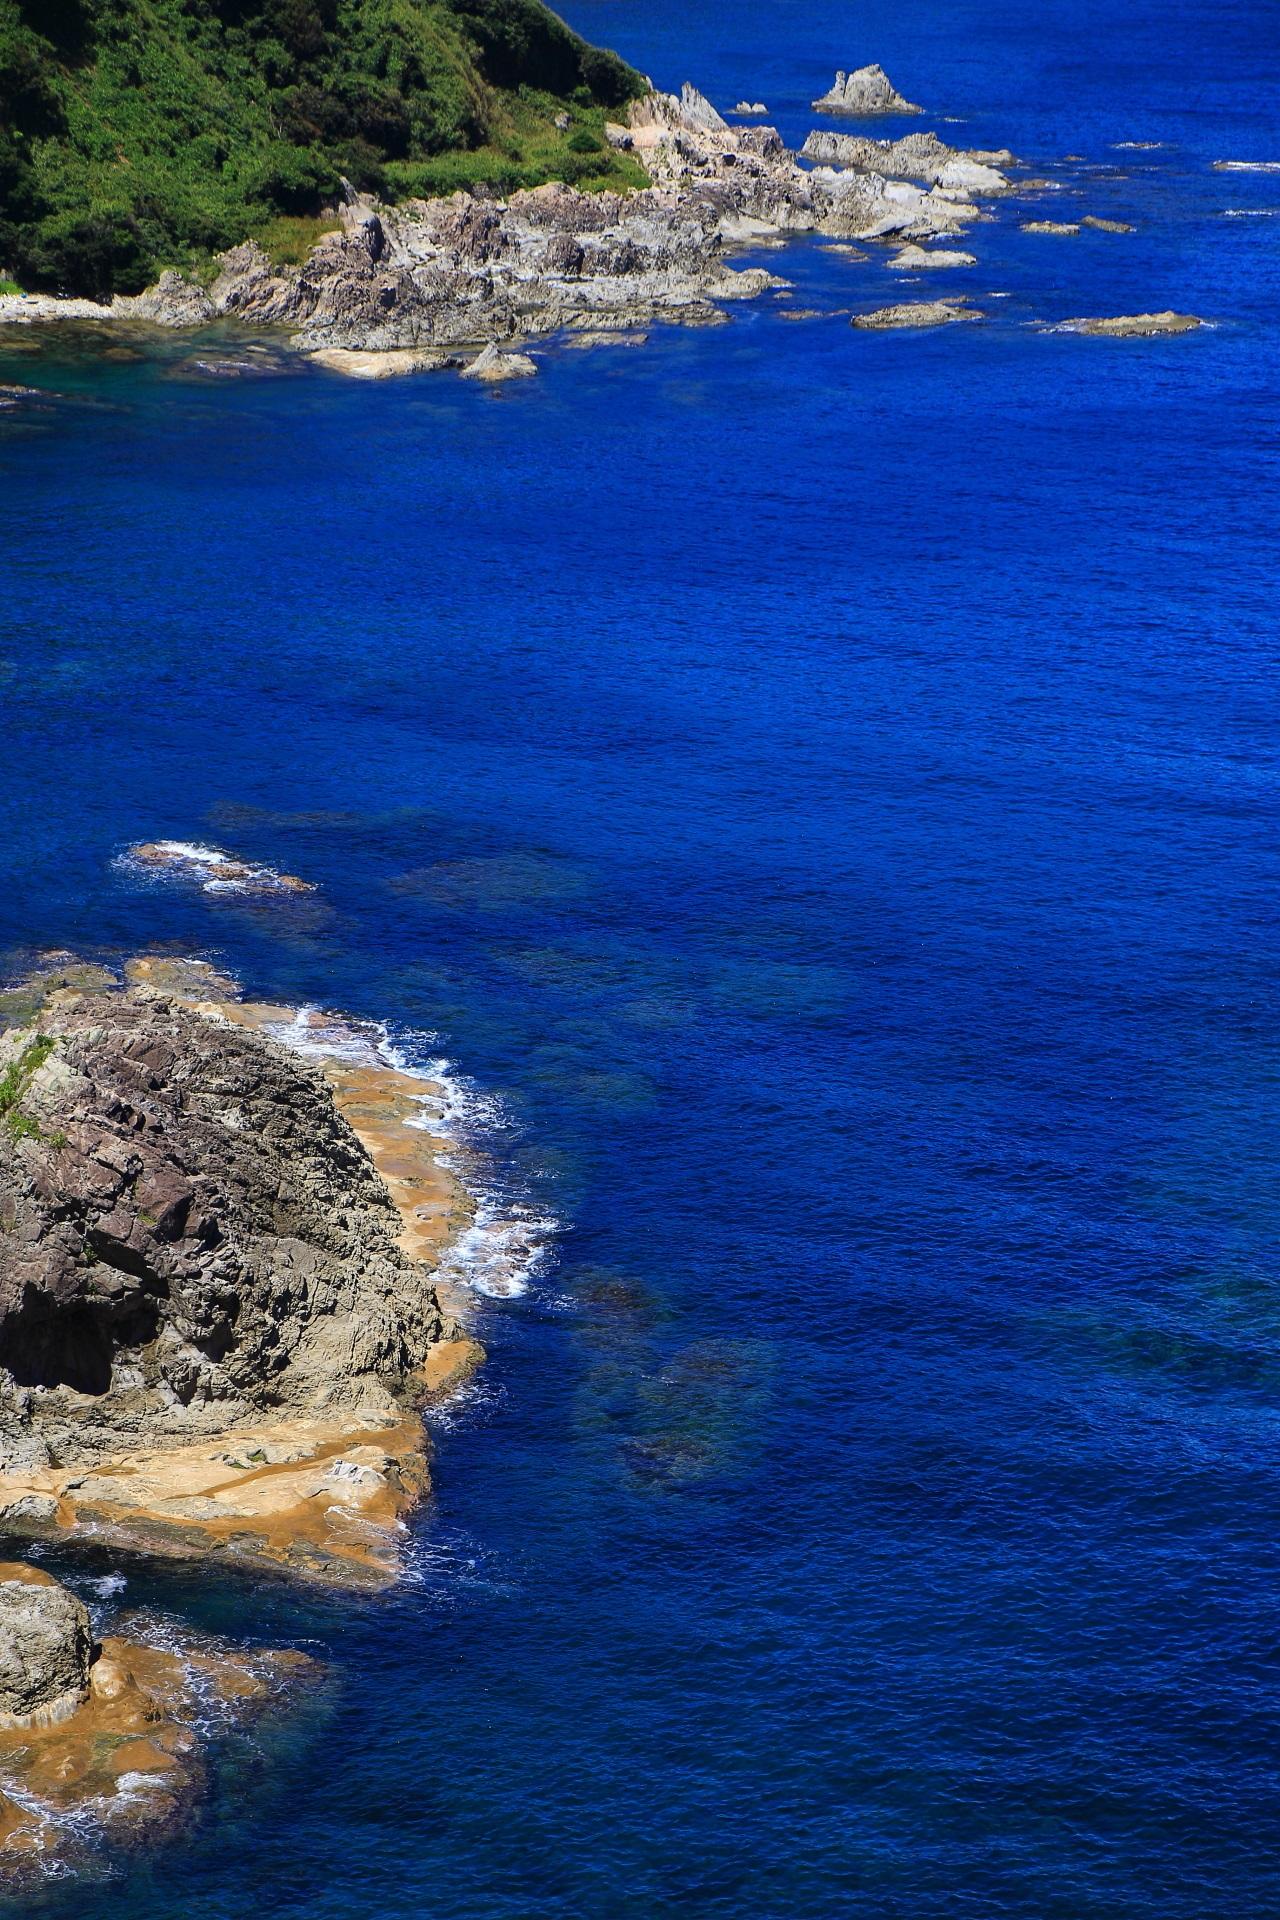 カマヤ海岸の青い海と岩の絶景